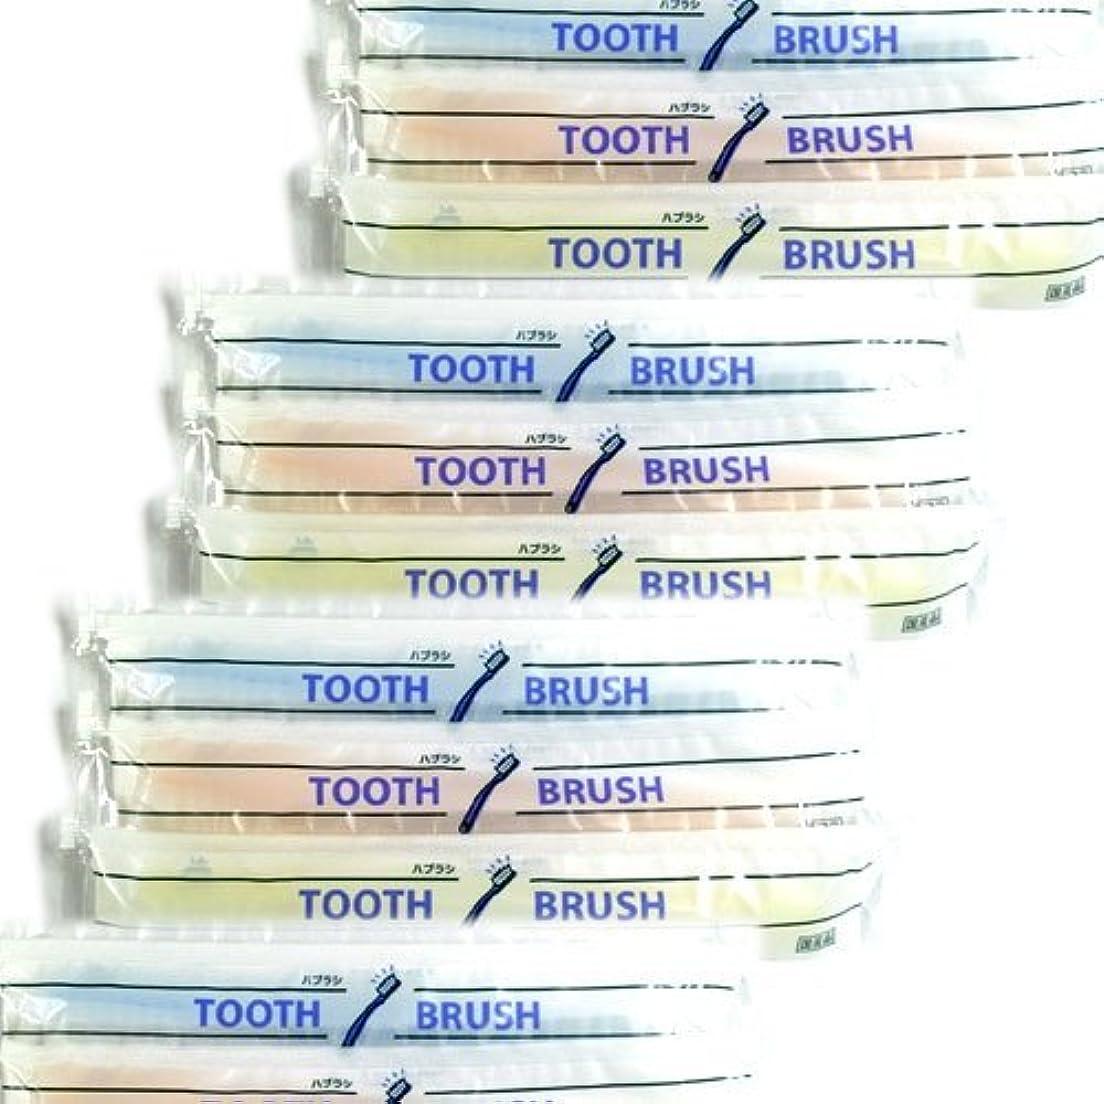 可能にするパラシュート感じホテルアメニティ 業務用 使い捨て(インスタント) 粉付き歯ブラシ × 100個セット